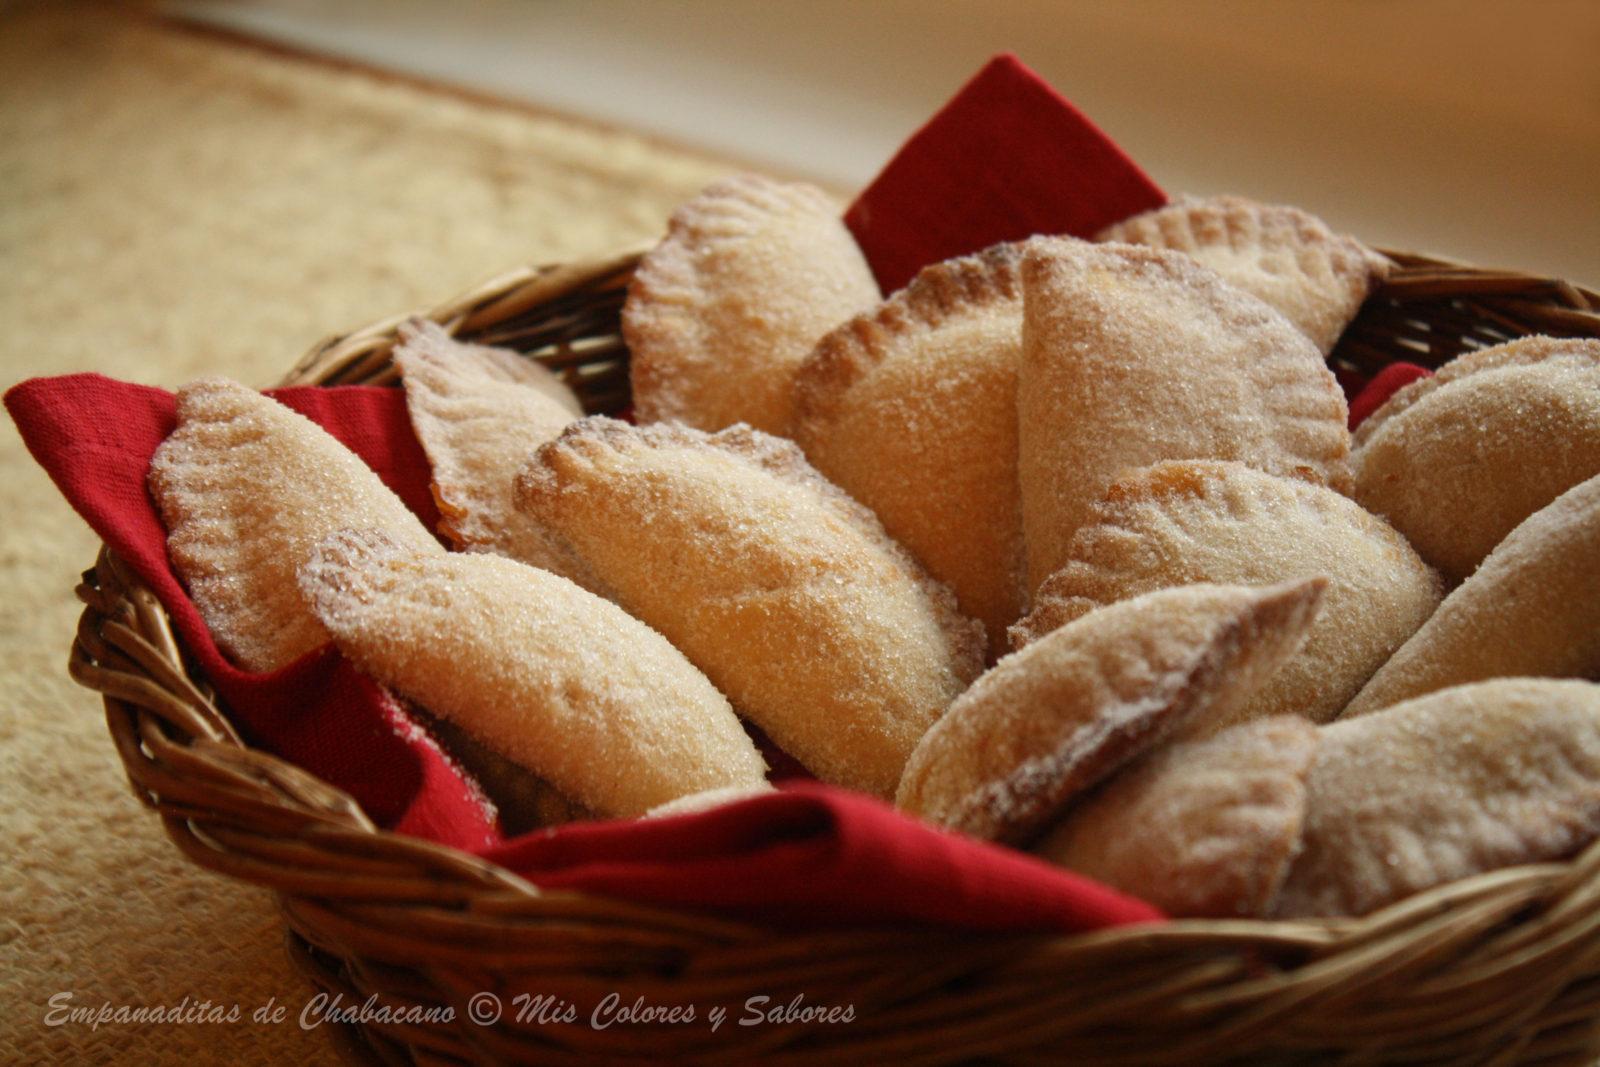 Empanaditas de Chabacano